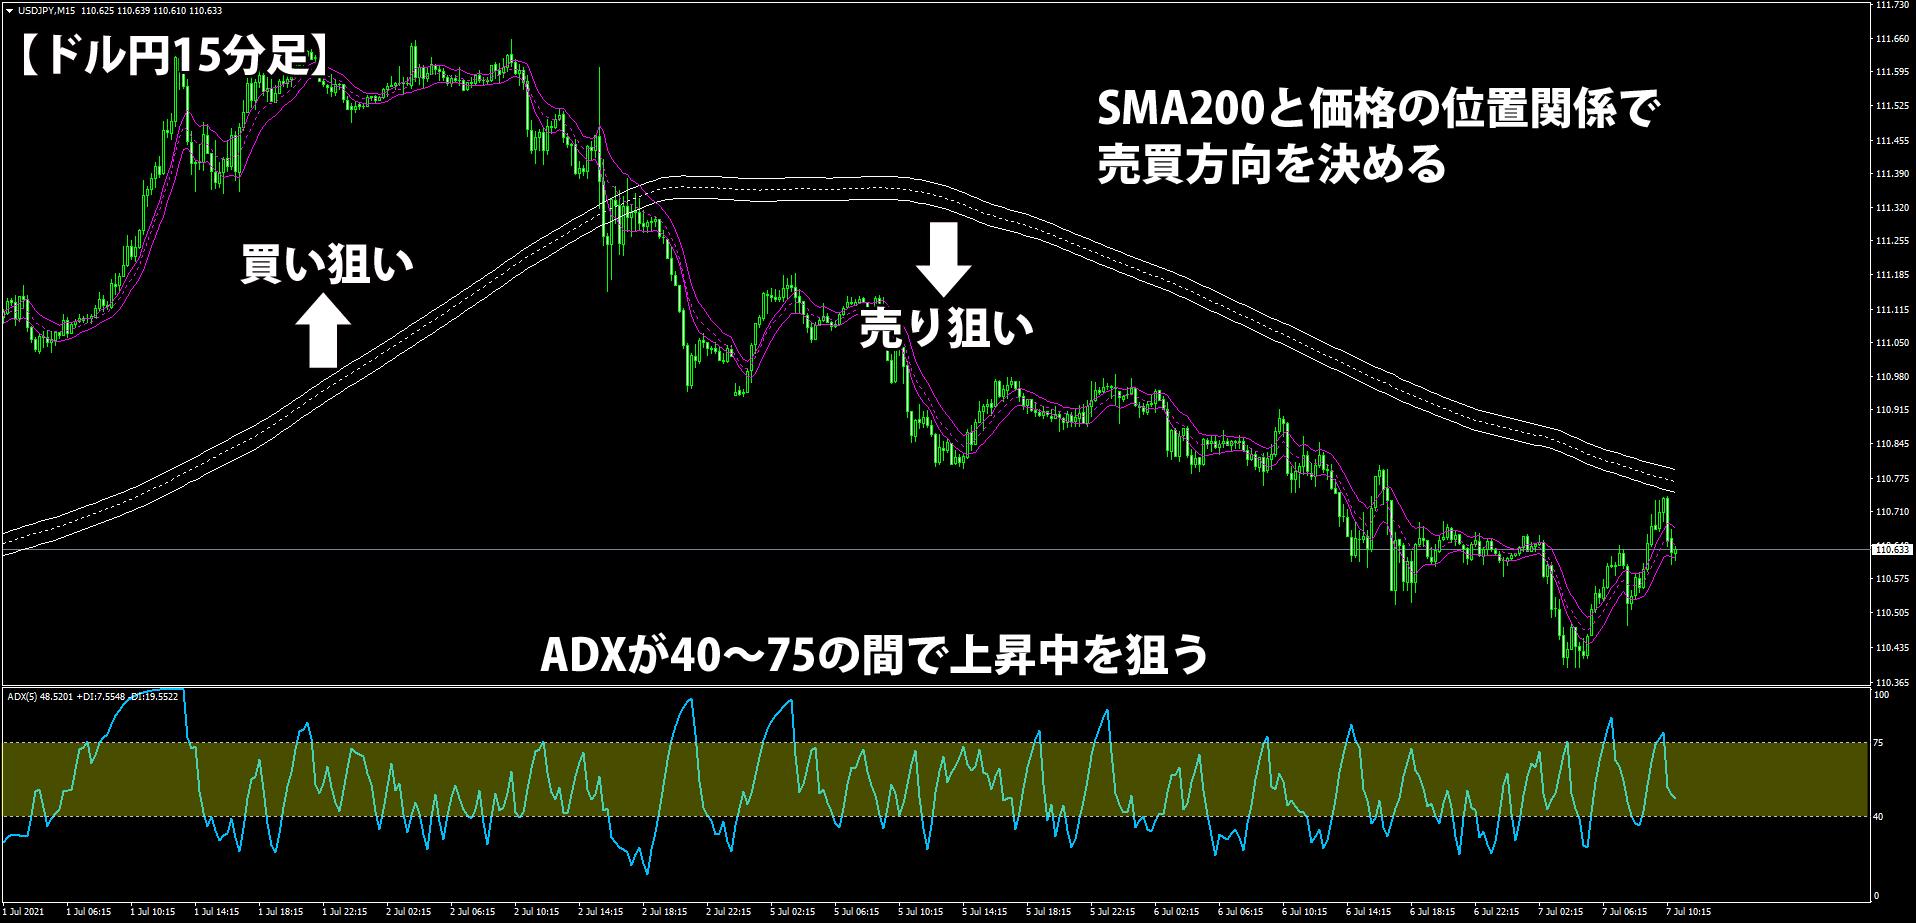 SMA200とADXによるフィルター機能